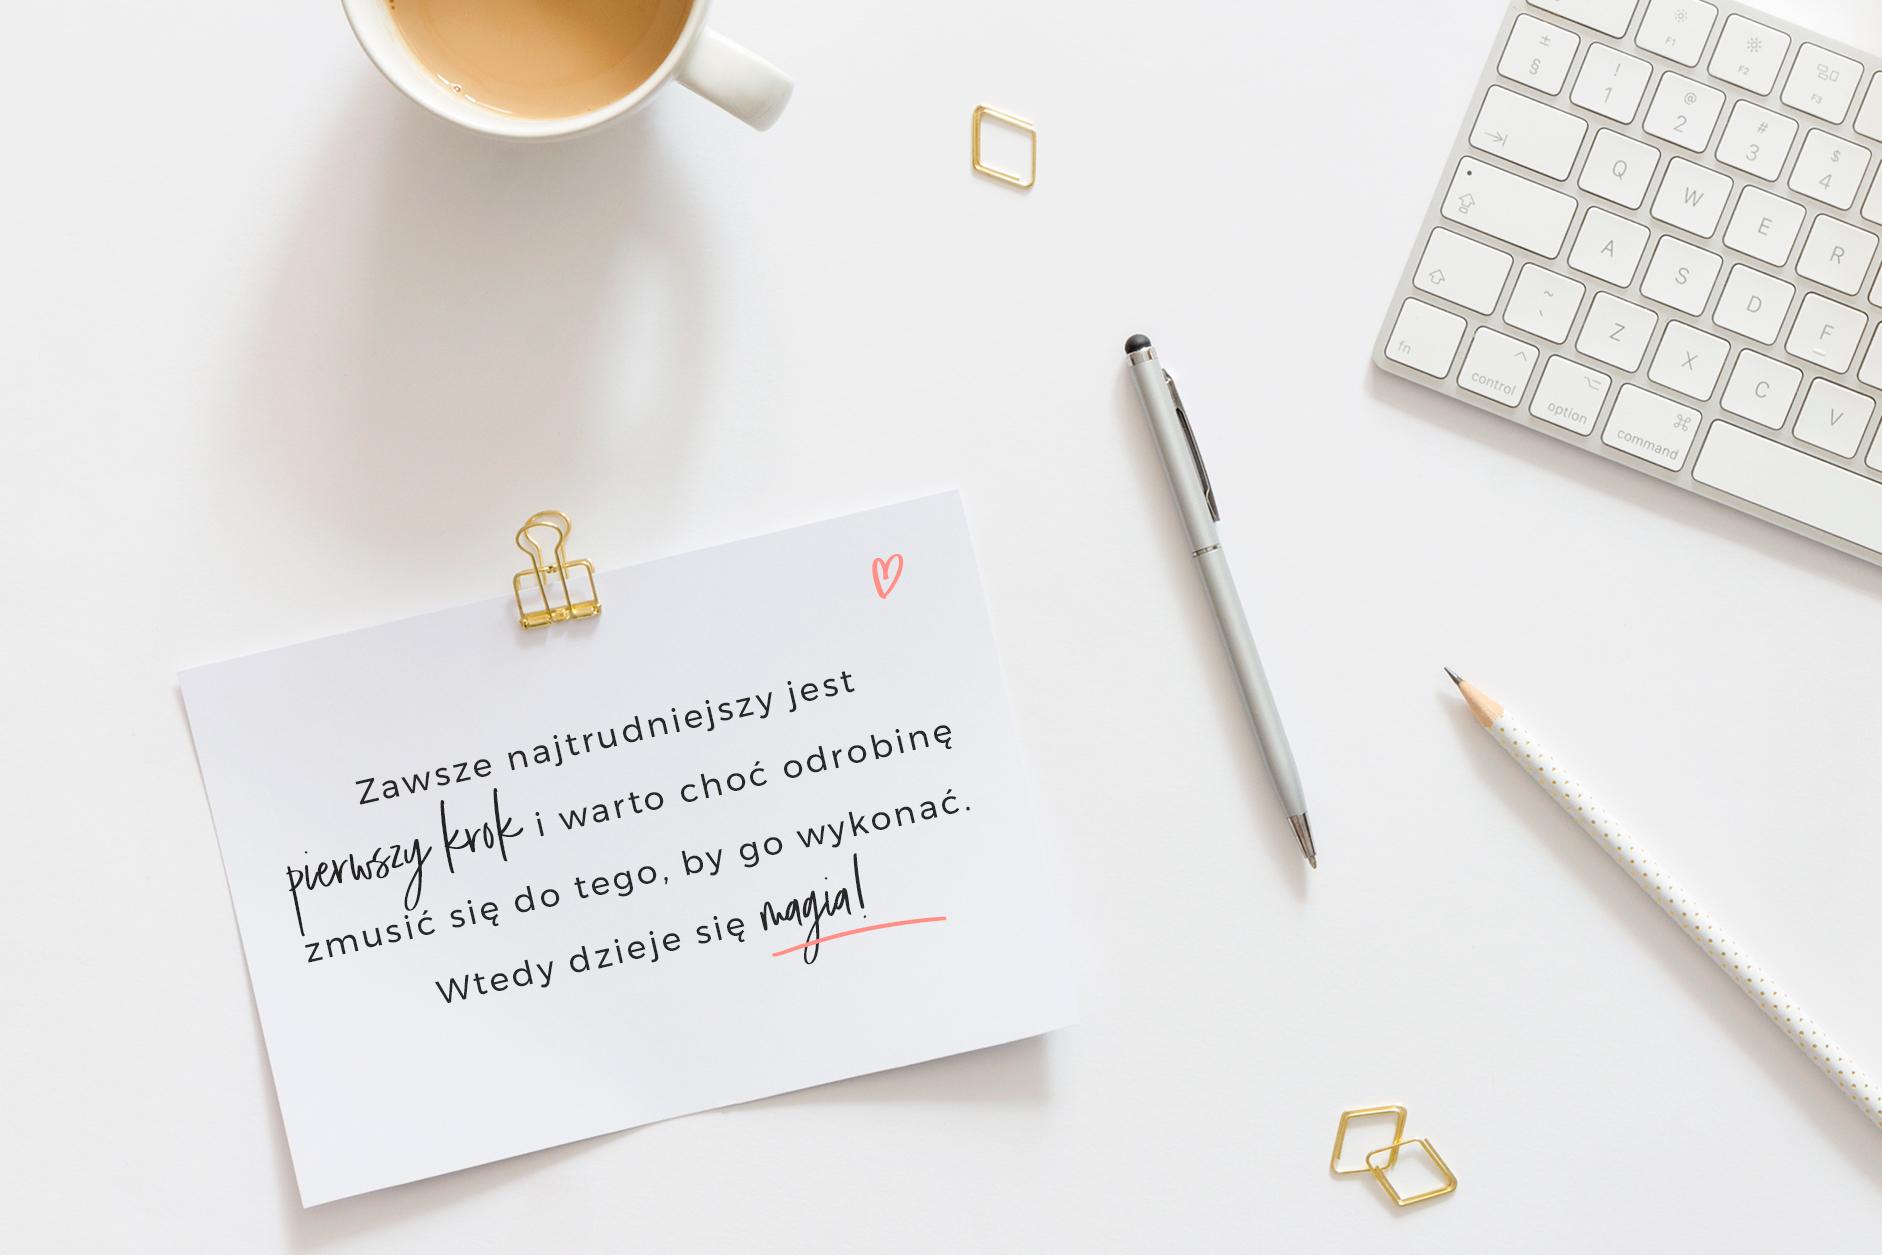 10 rzeczy, których blogowanie nauczyło mnie przez 3 lata | Moyemu - blog kreatywny